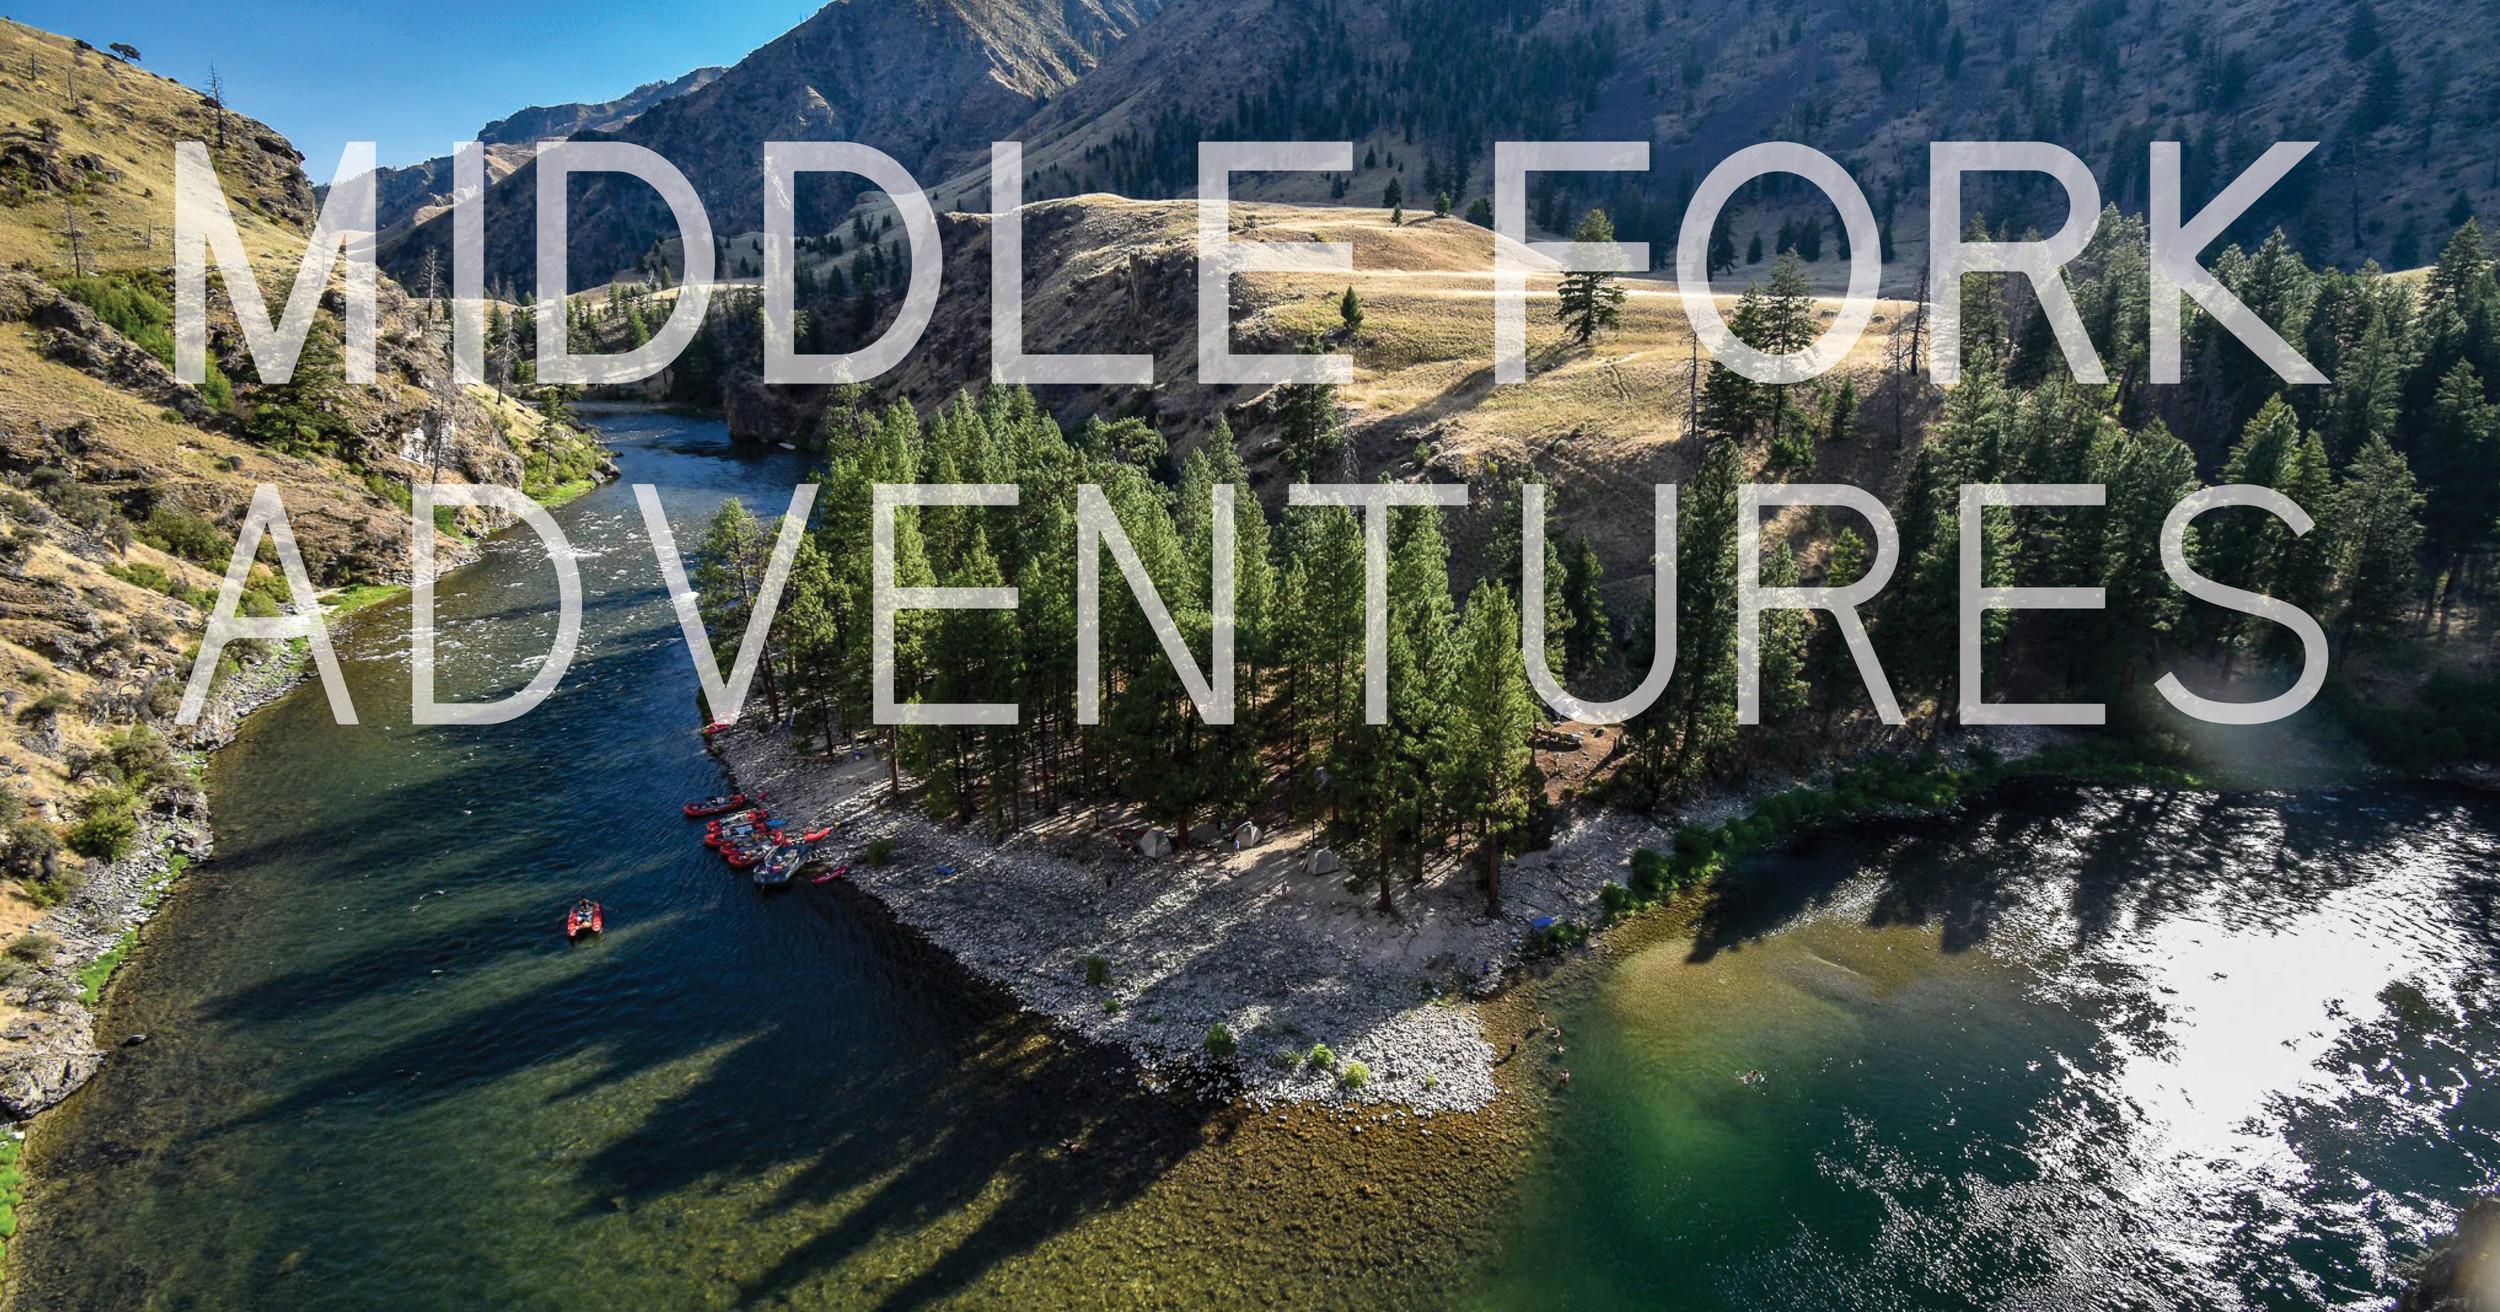 www.middleforkadventures.com